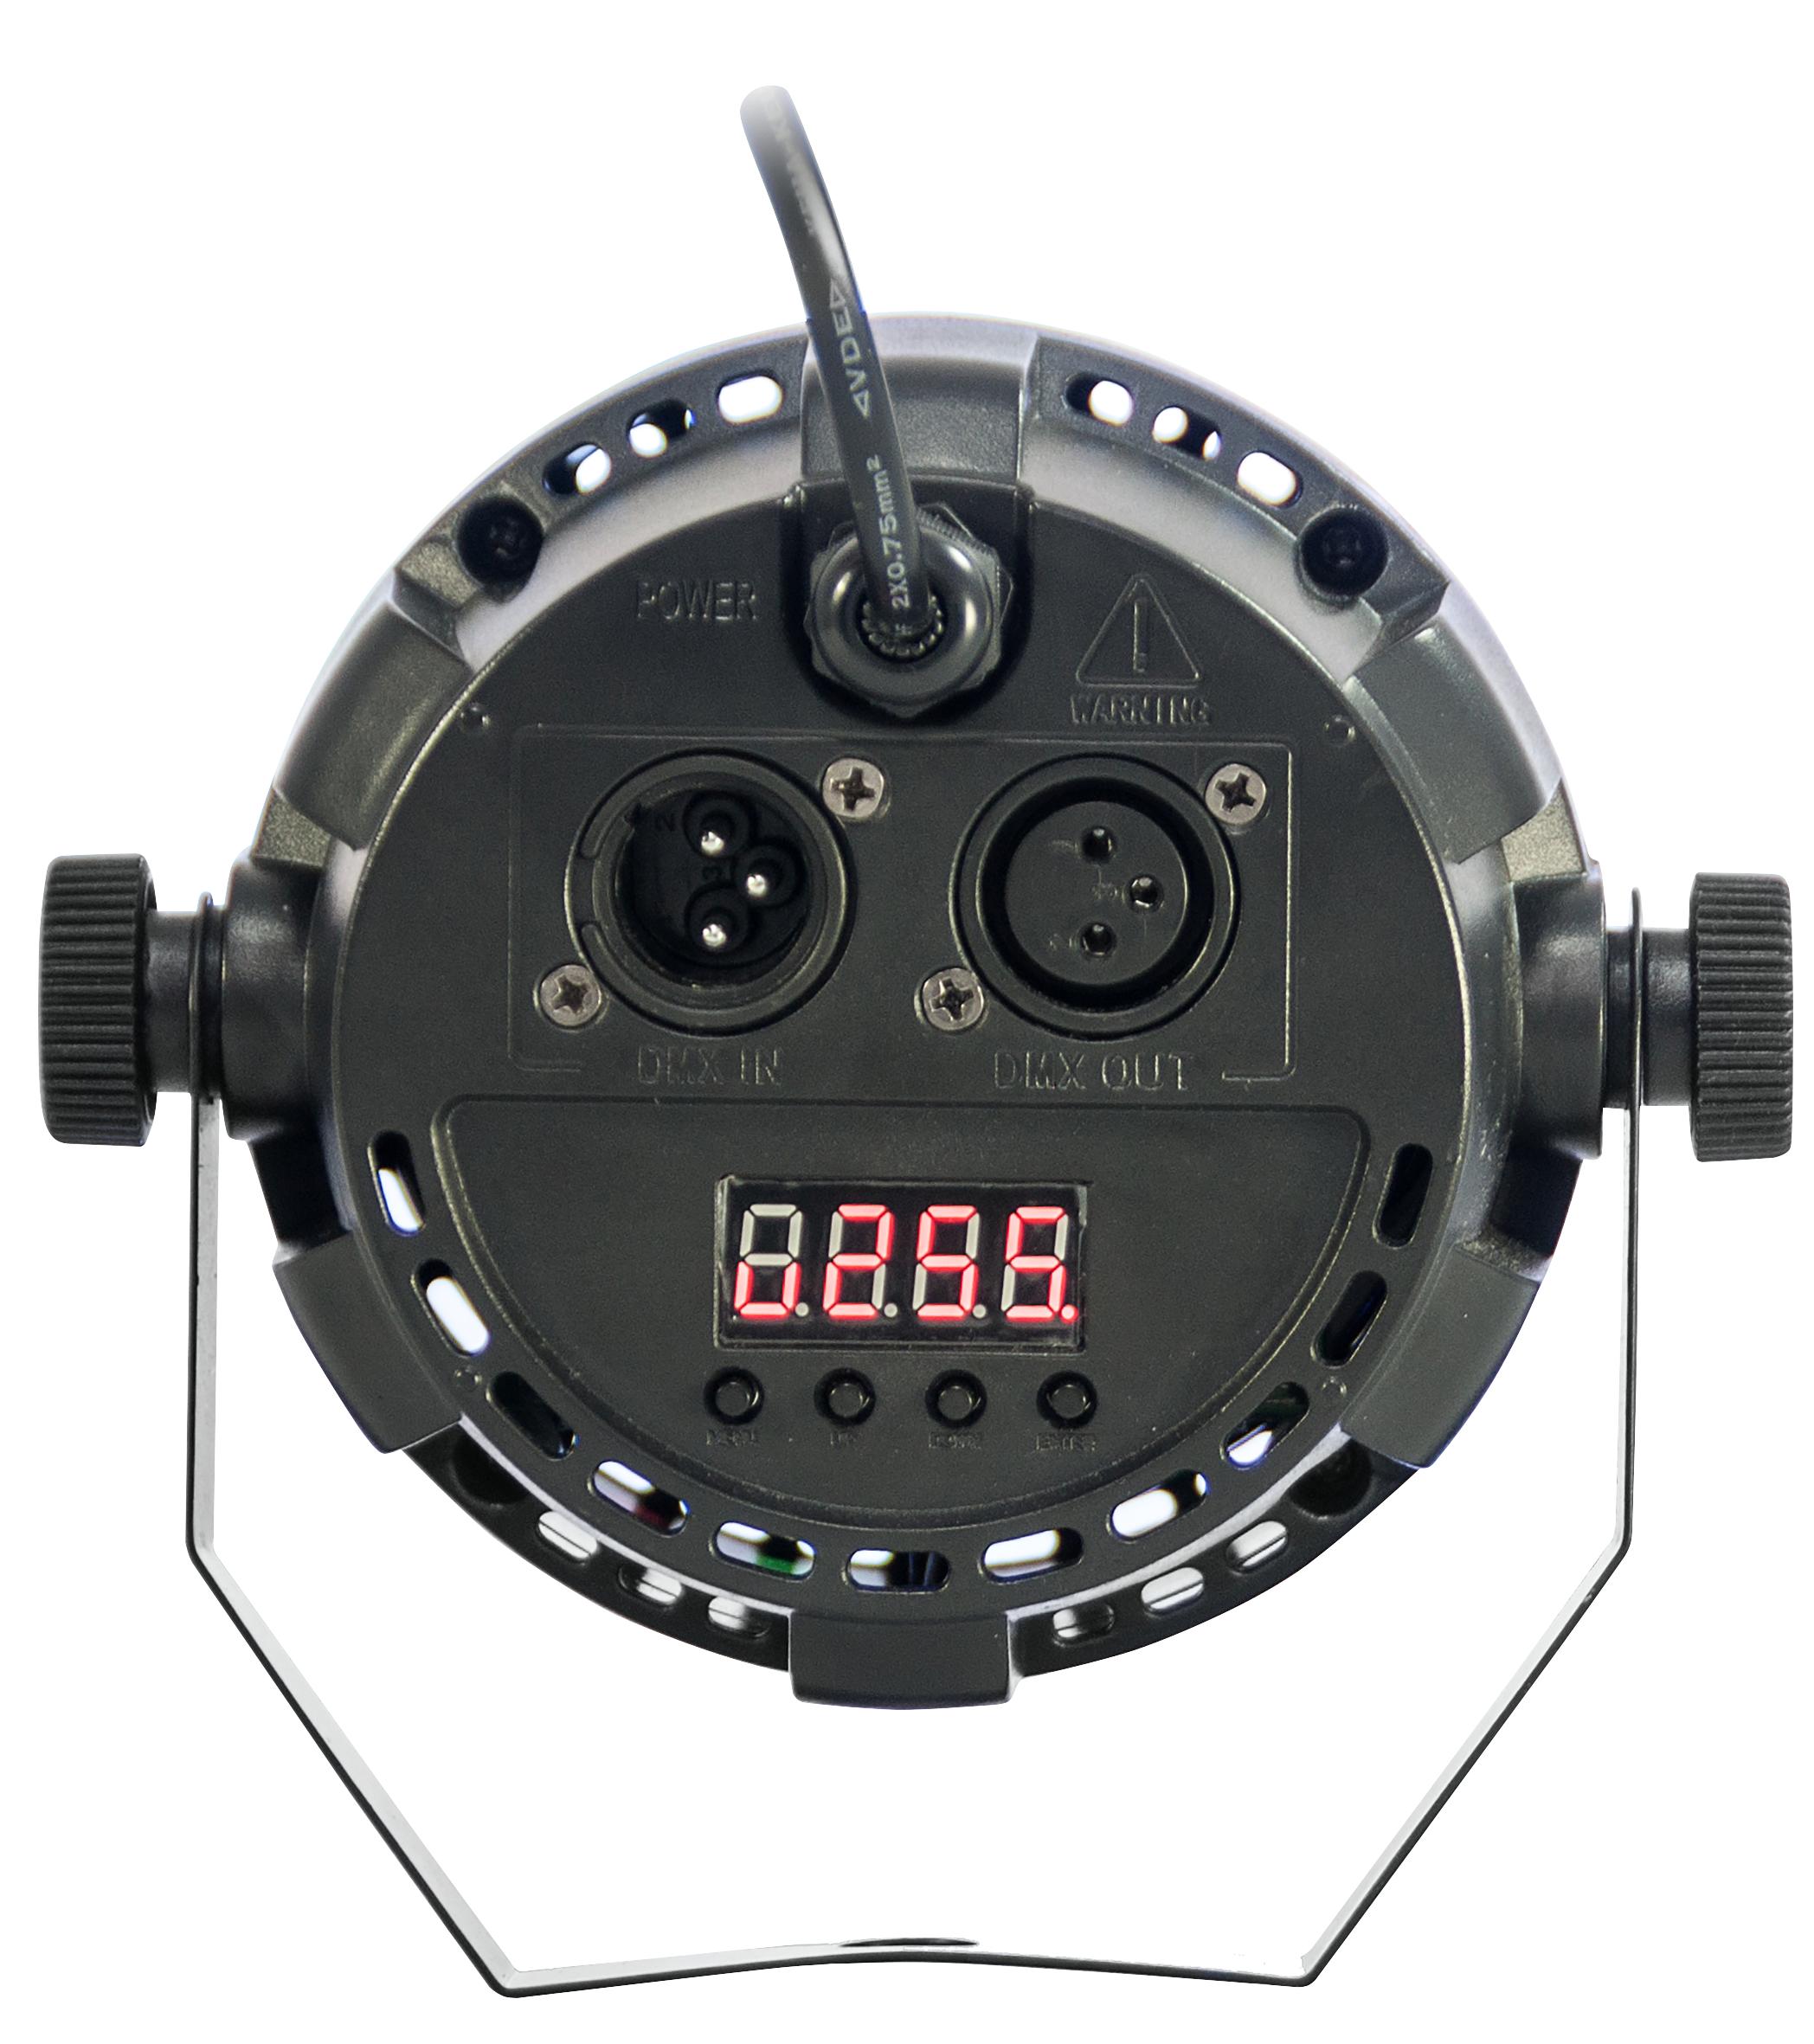 LED-Lichteffekt IBIZA ''PAR-ASTRO'' 2-in-1 PAR Strahler und Astro-Effekt, 12W